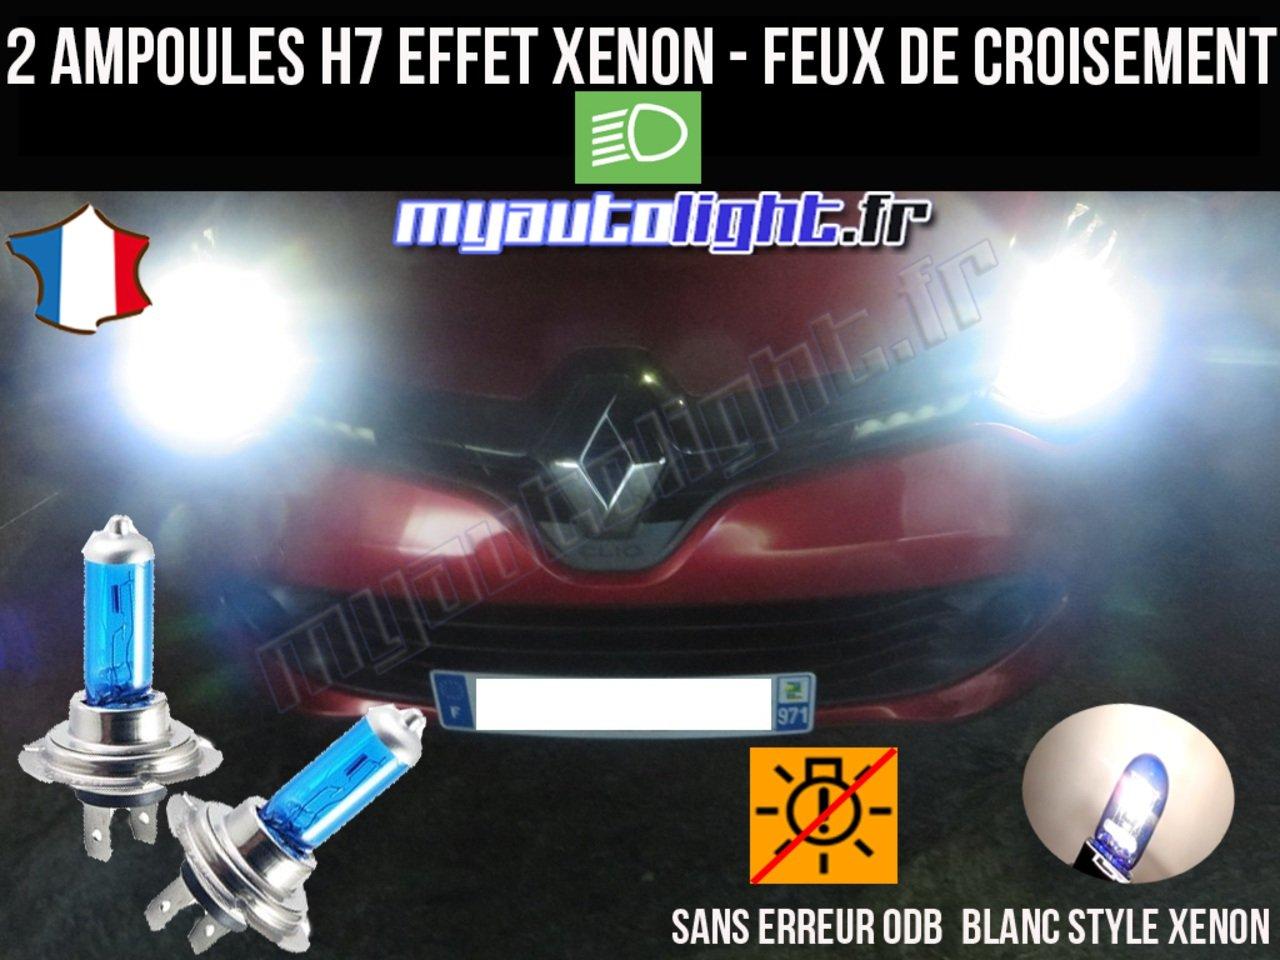 Pack ampoules H7 blanc xenon feux croisement-code pour RENAULT CLIO 4 MyAutoLight